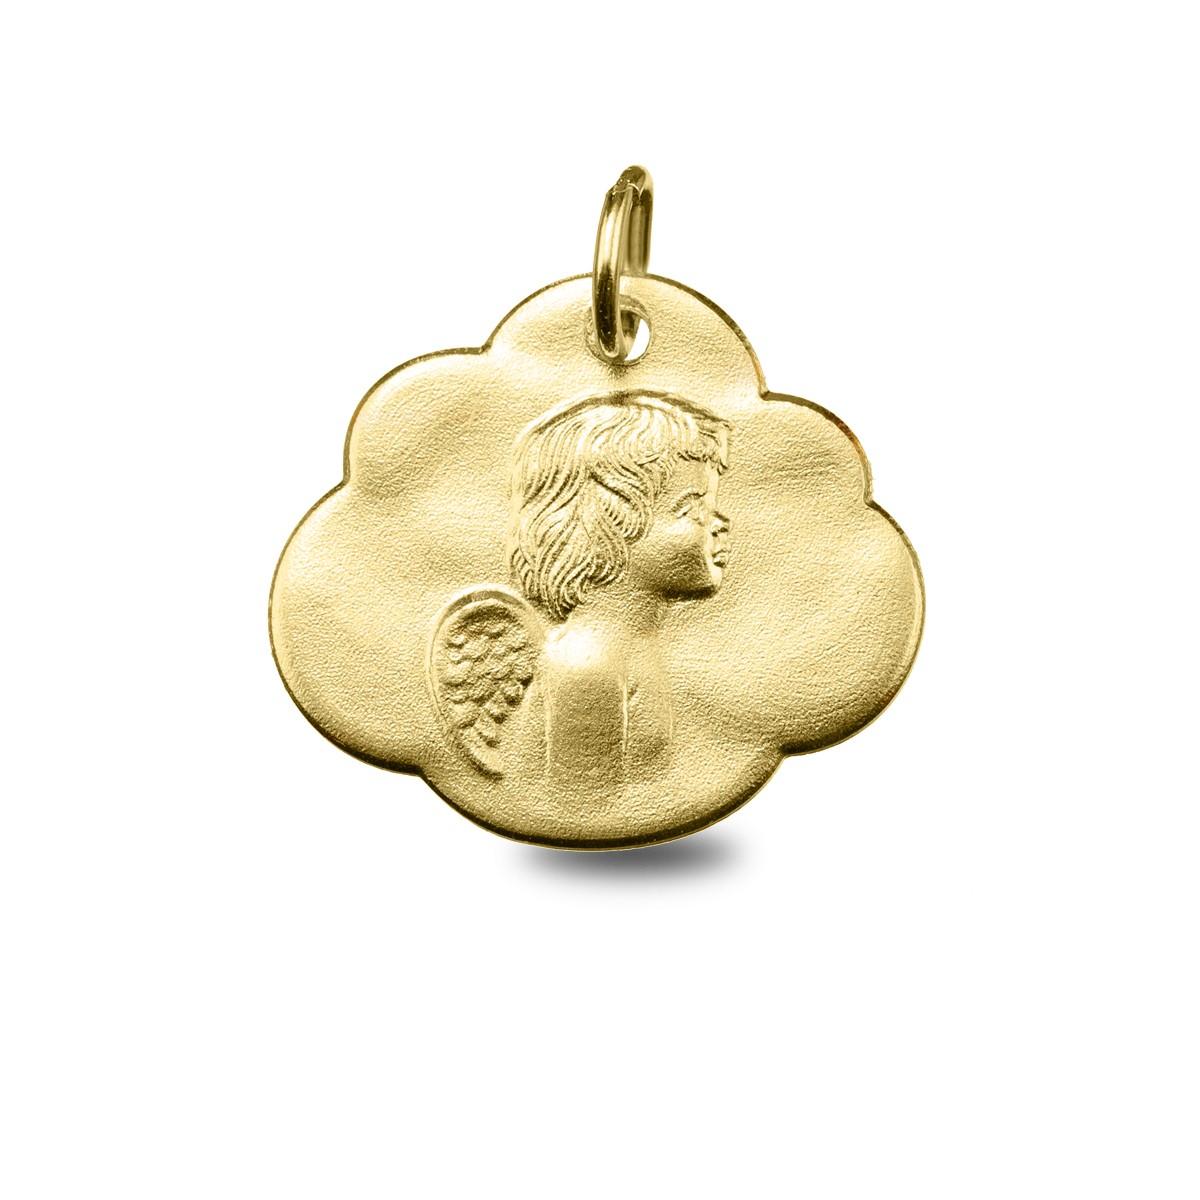 dcc88ab2b Medalla Angelito-9 1264486